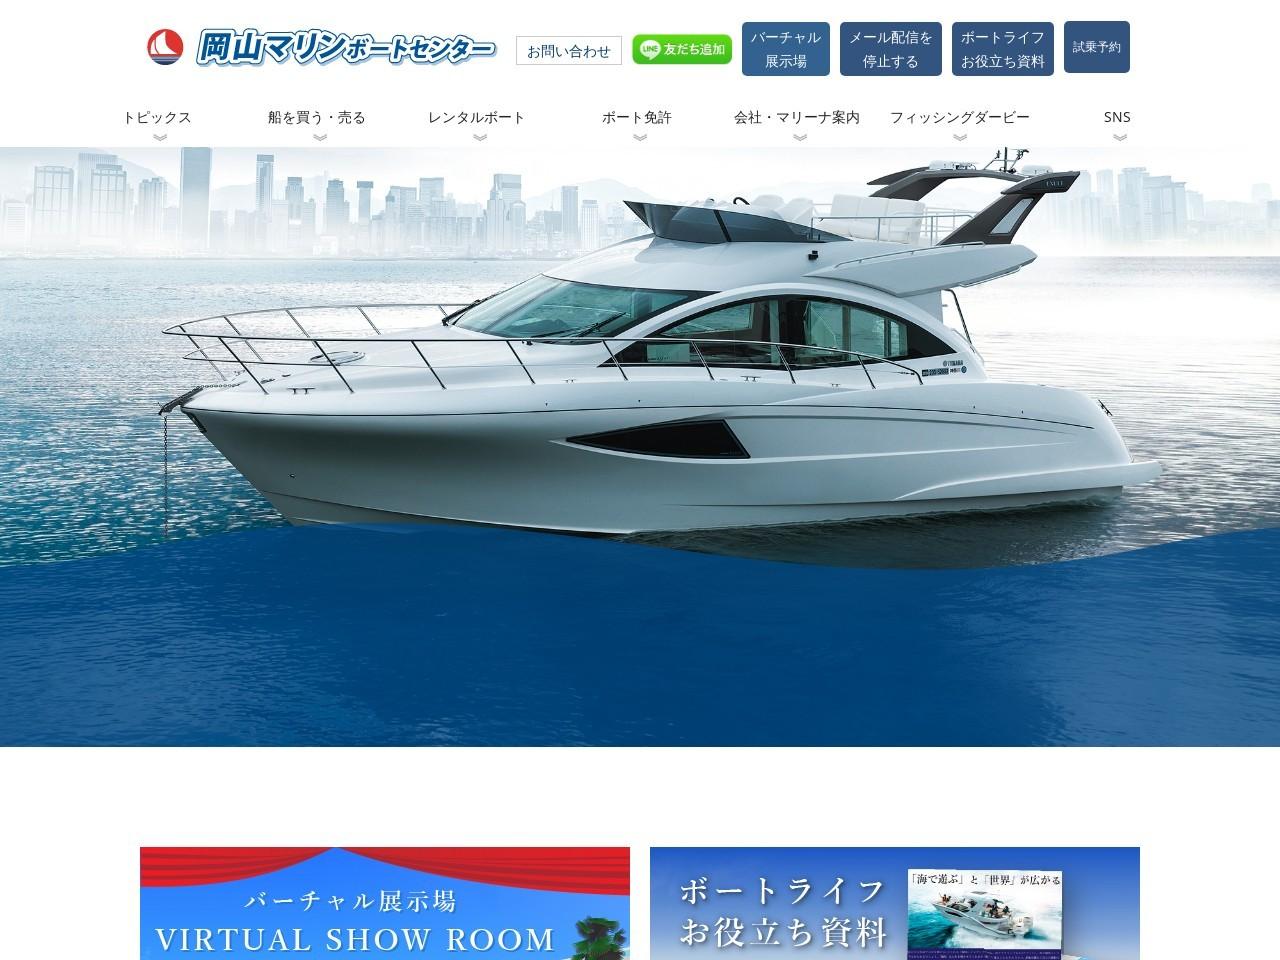 株式会社岡山マリン.ボートセンター